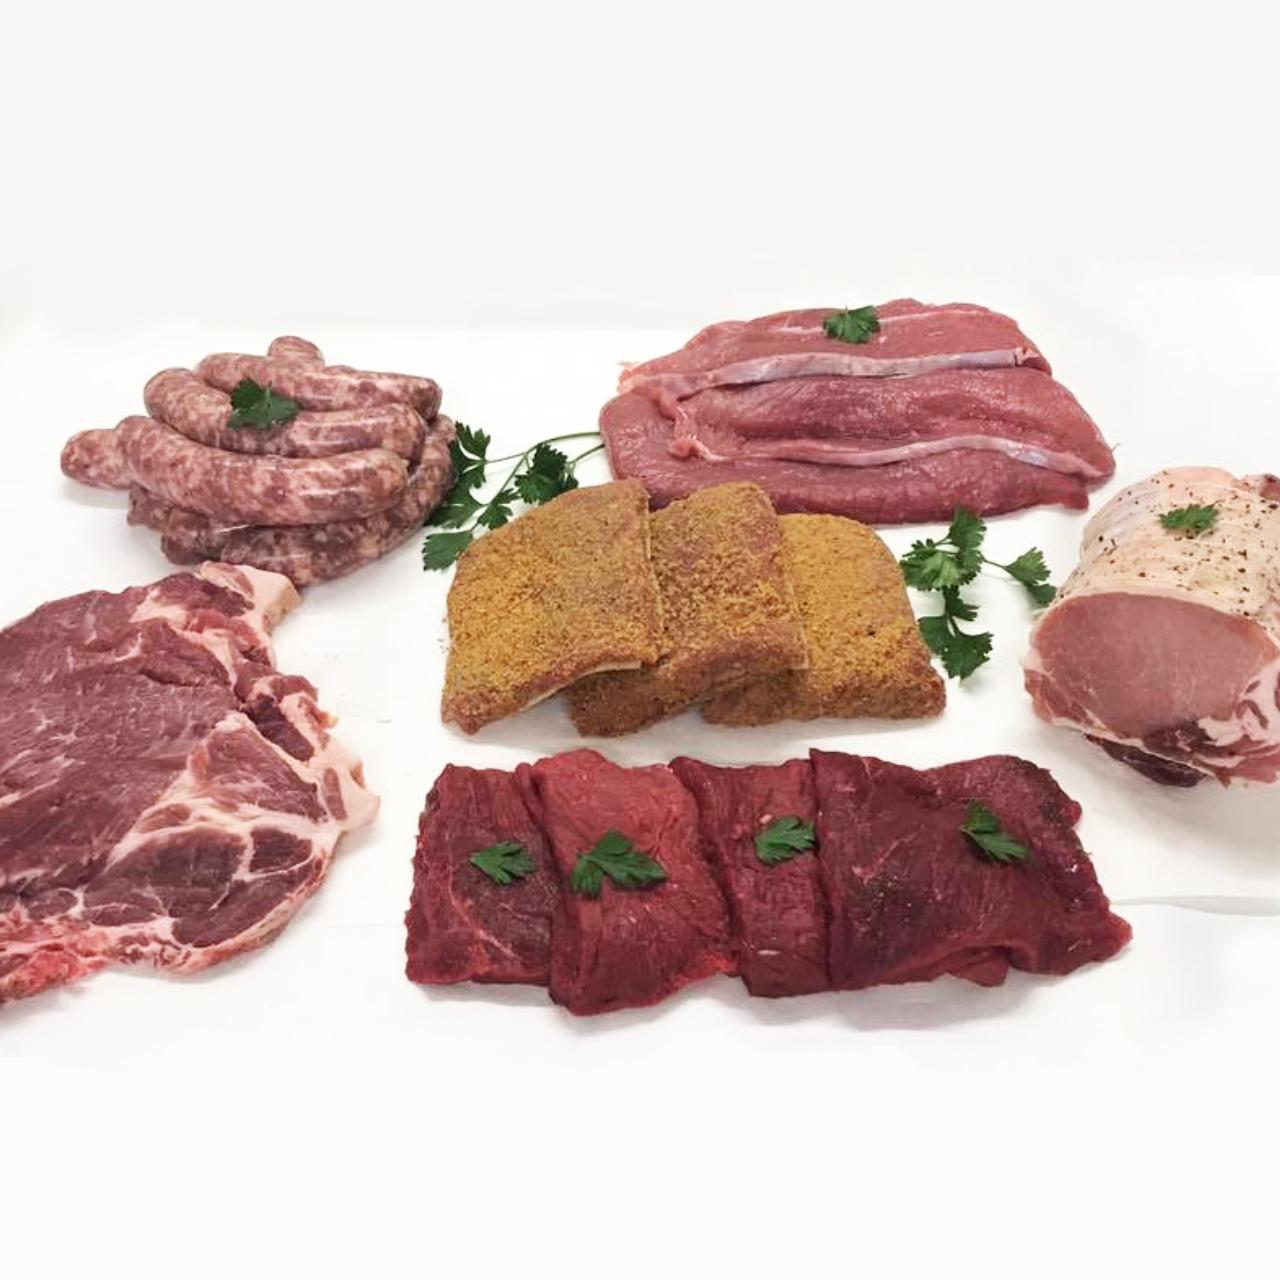 Colis de viande mixte Bœuf, Veau et Porc